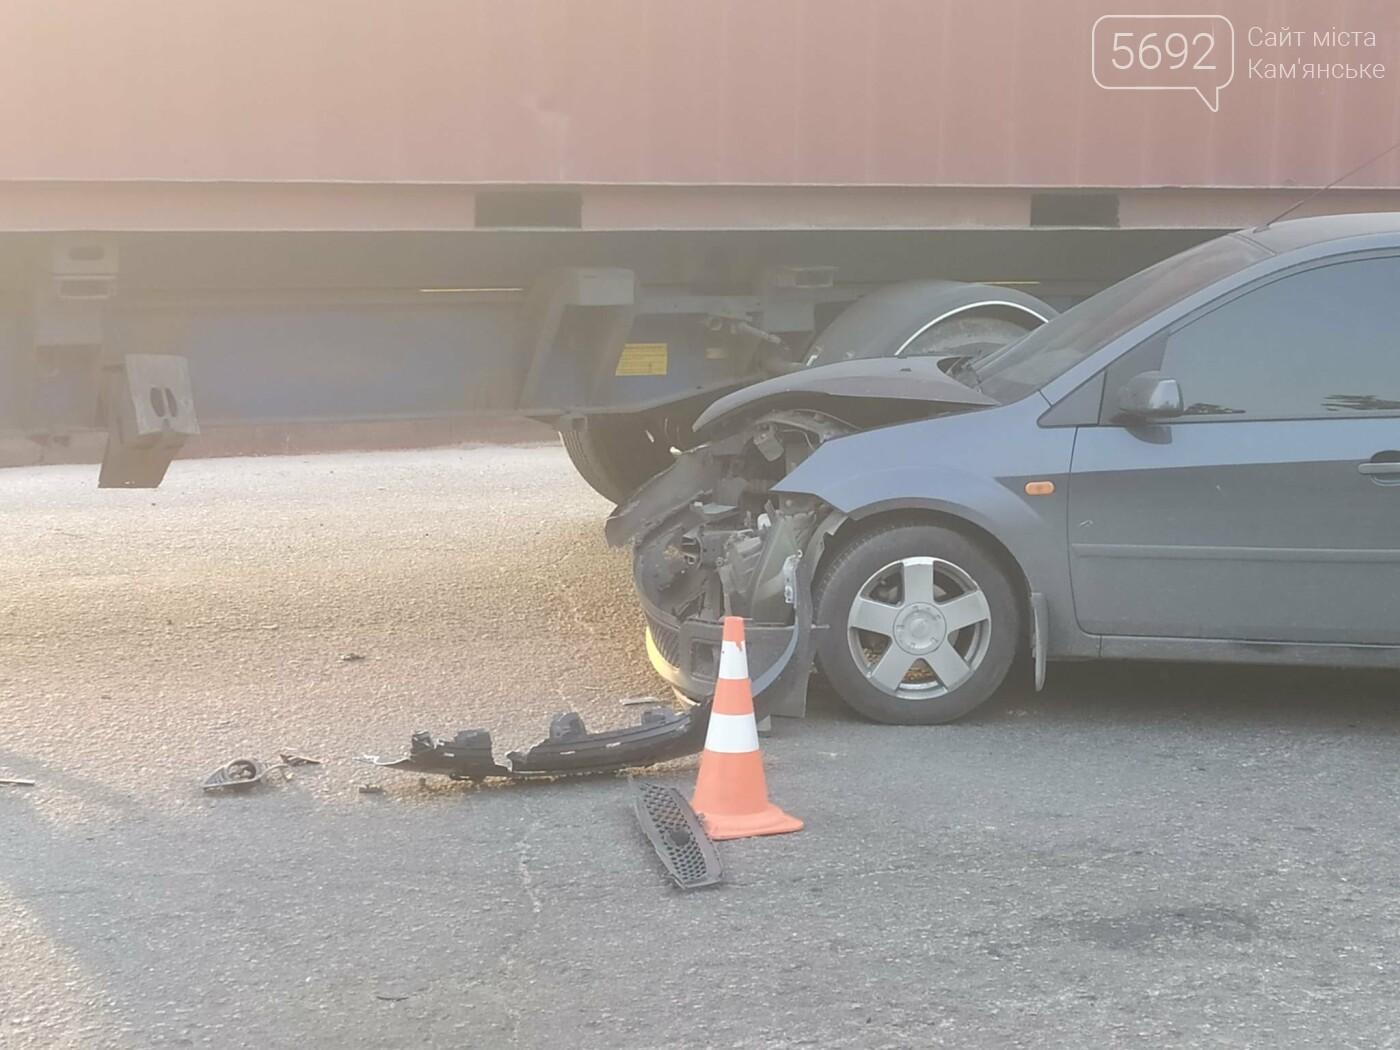 В Каменском на Аношкина водитель грузовика спровоцировал ДТП, фото-5